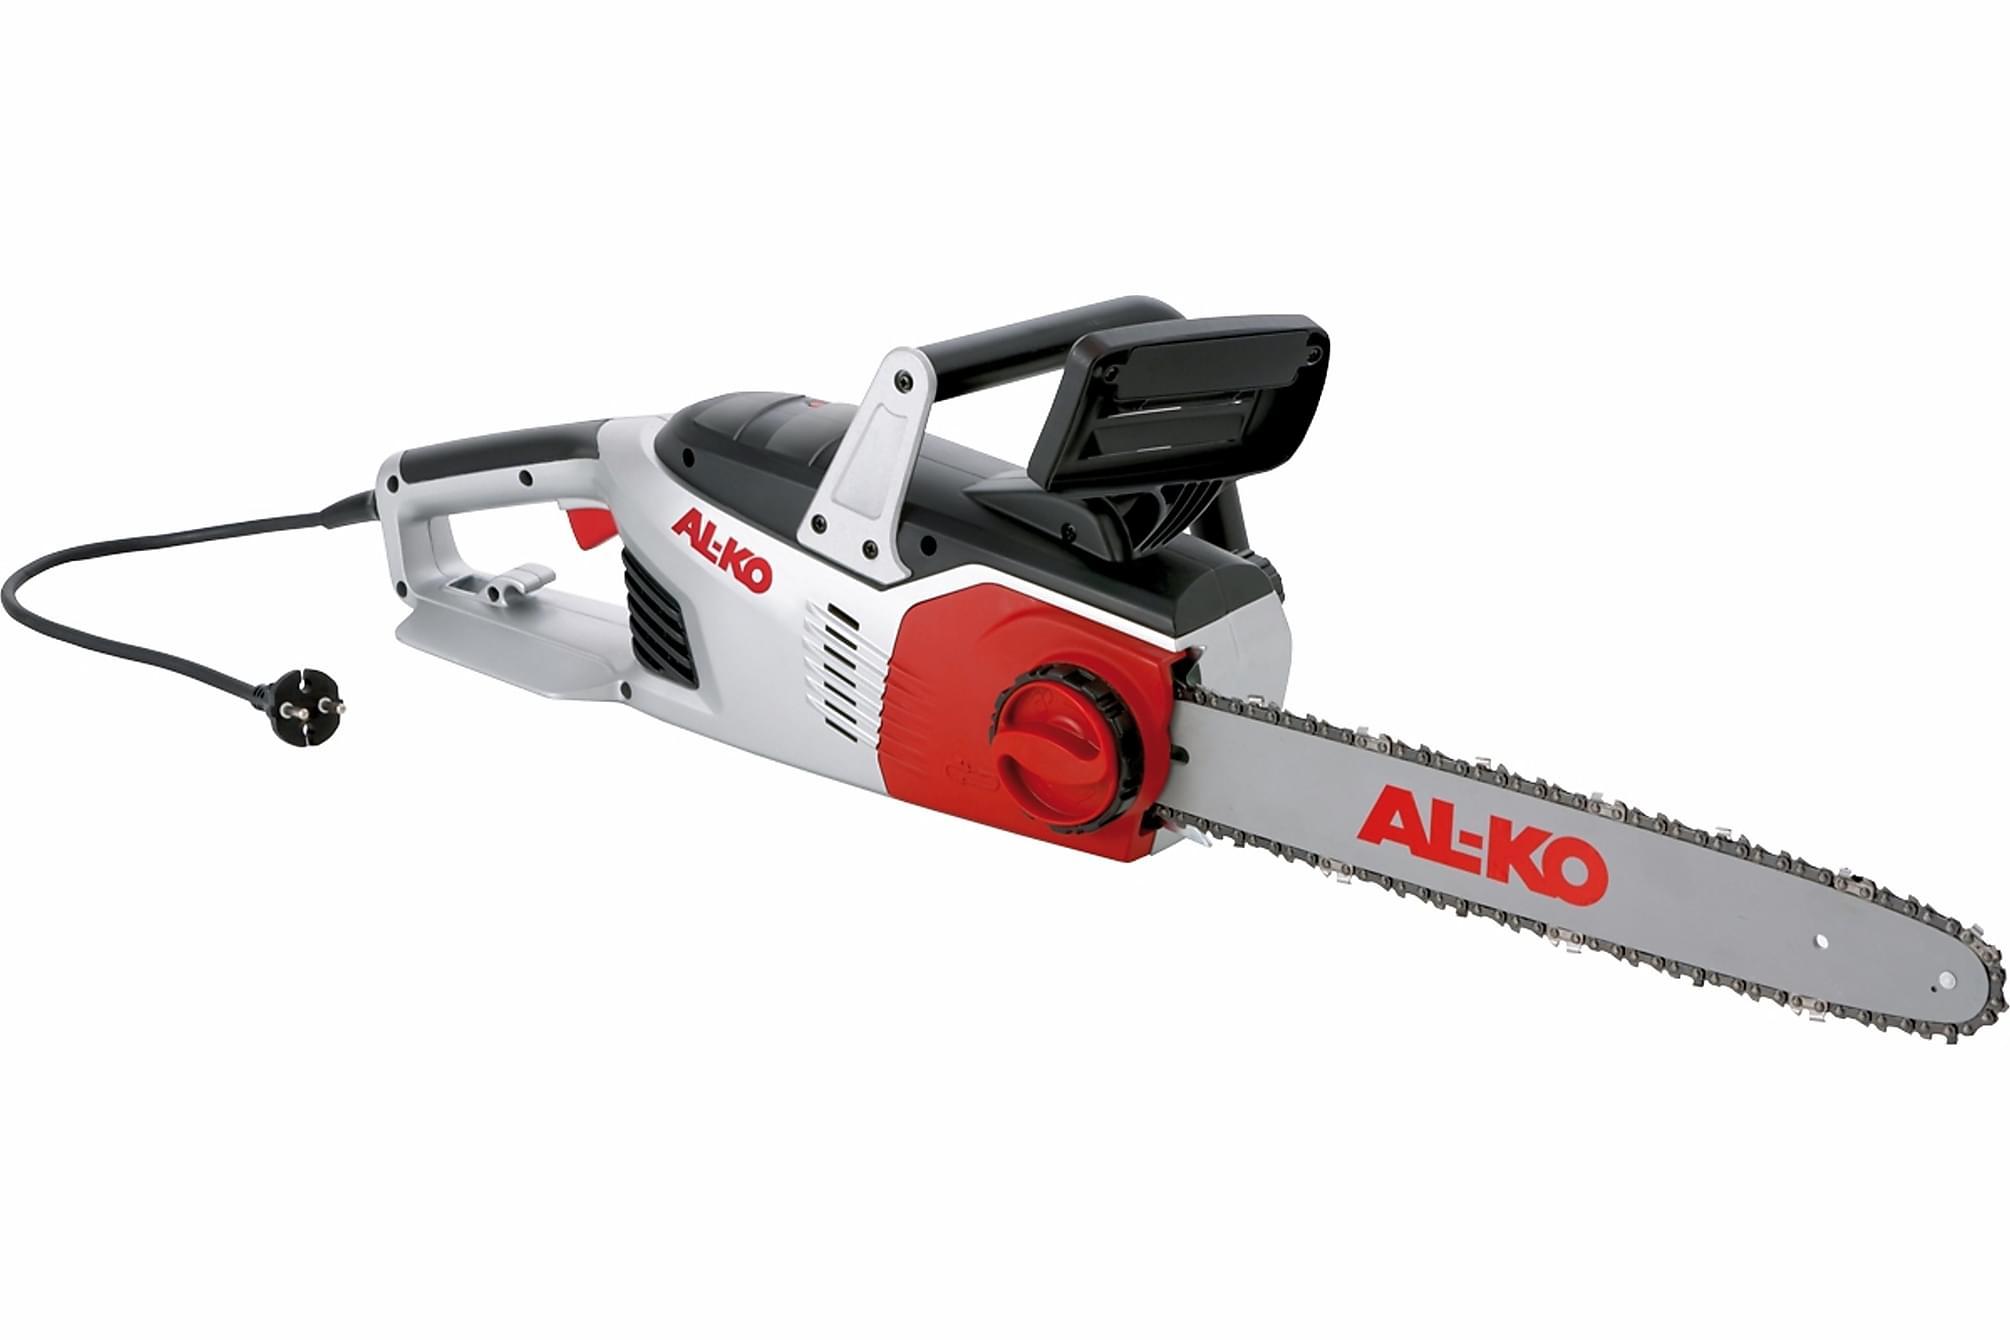 AL-KO Eldriven Motorsåg EKI 2200/40 II Motorsåg, Övriga trädgårdstillbehör